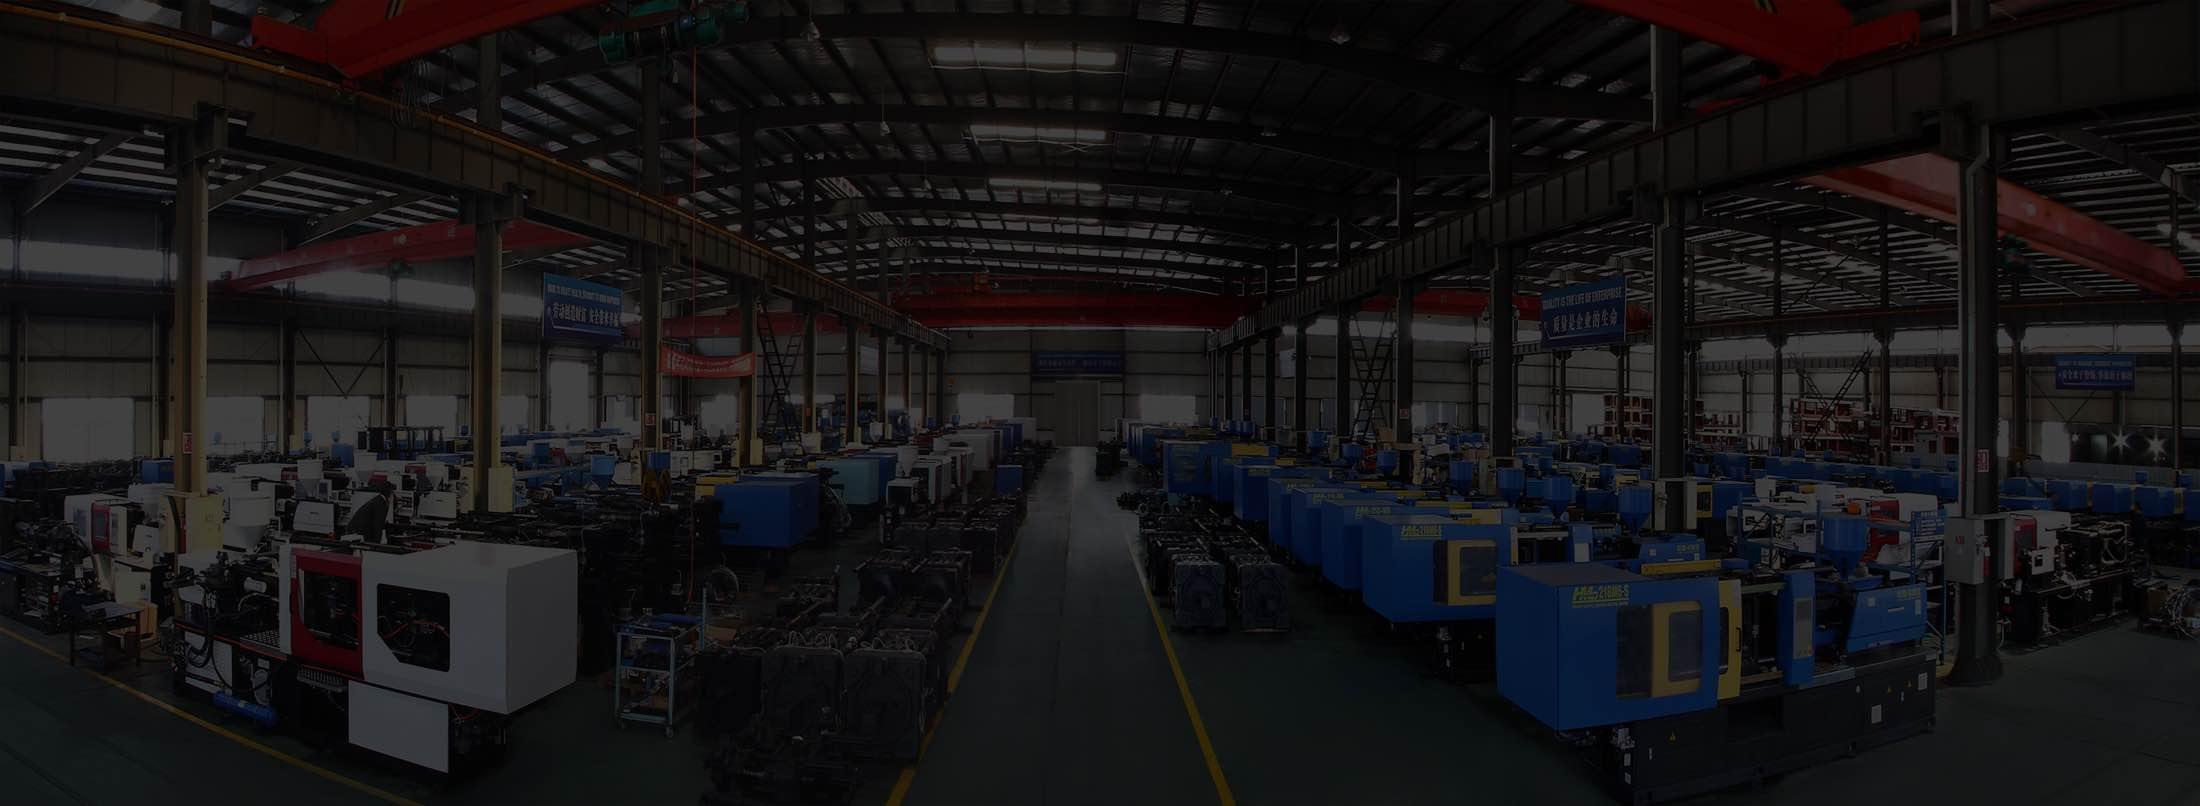 Industrial laser welding